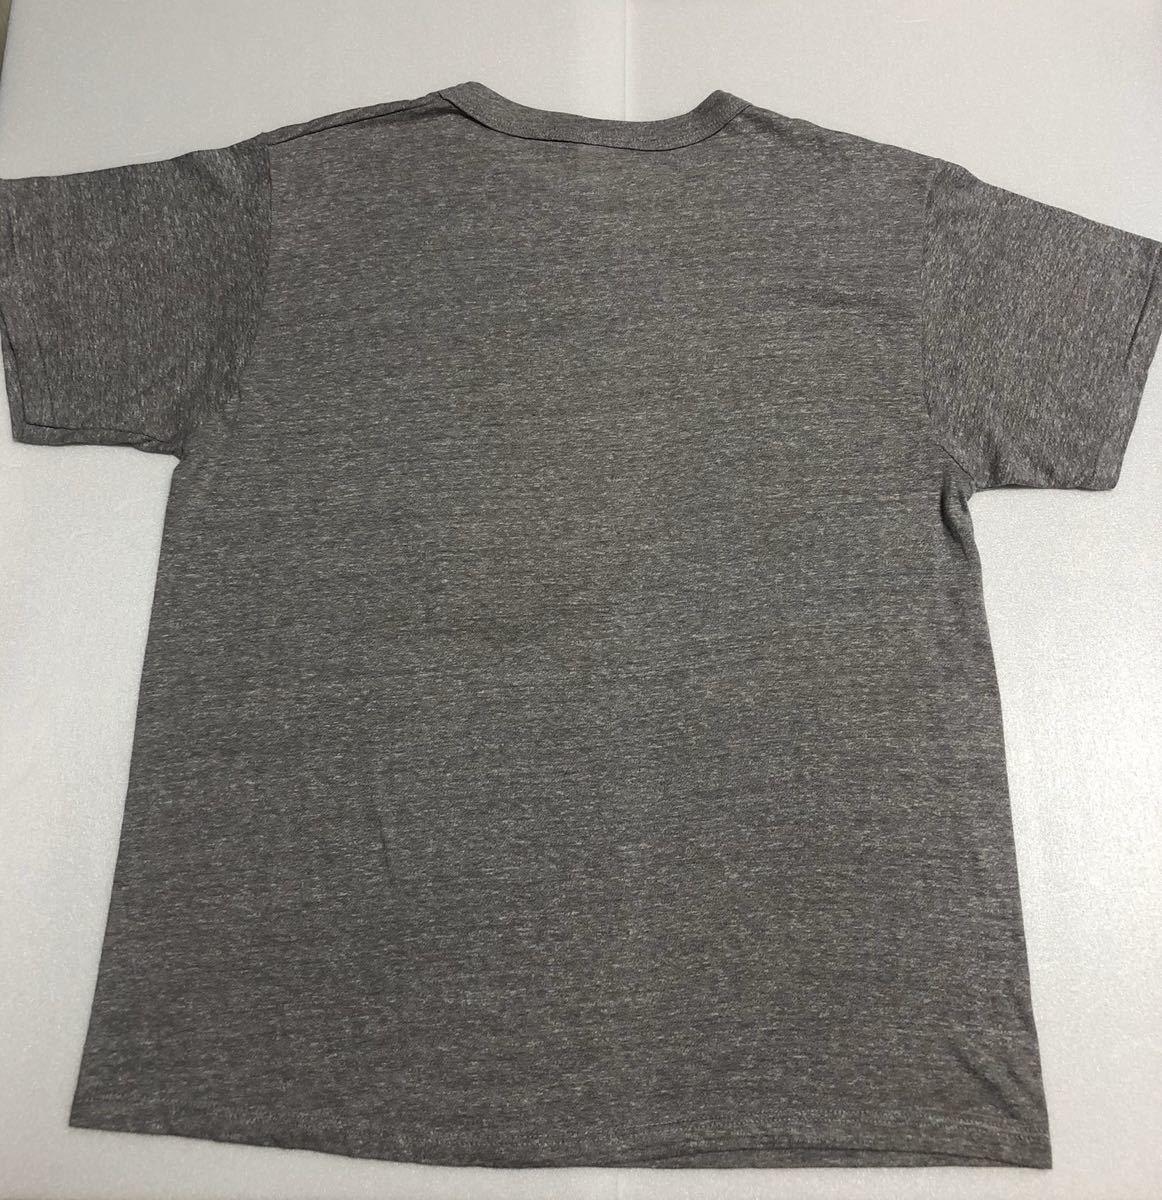 美品! 80s~ USA製 champion チャンピオン ビンテージ tシャツ オフィシャルTシャツ グレー L NFL ニューヨークジャイアンツ 90s トリコタグ_画像2